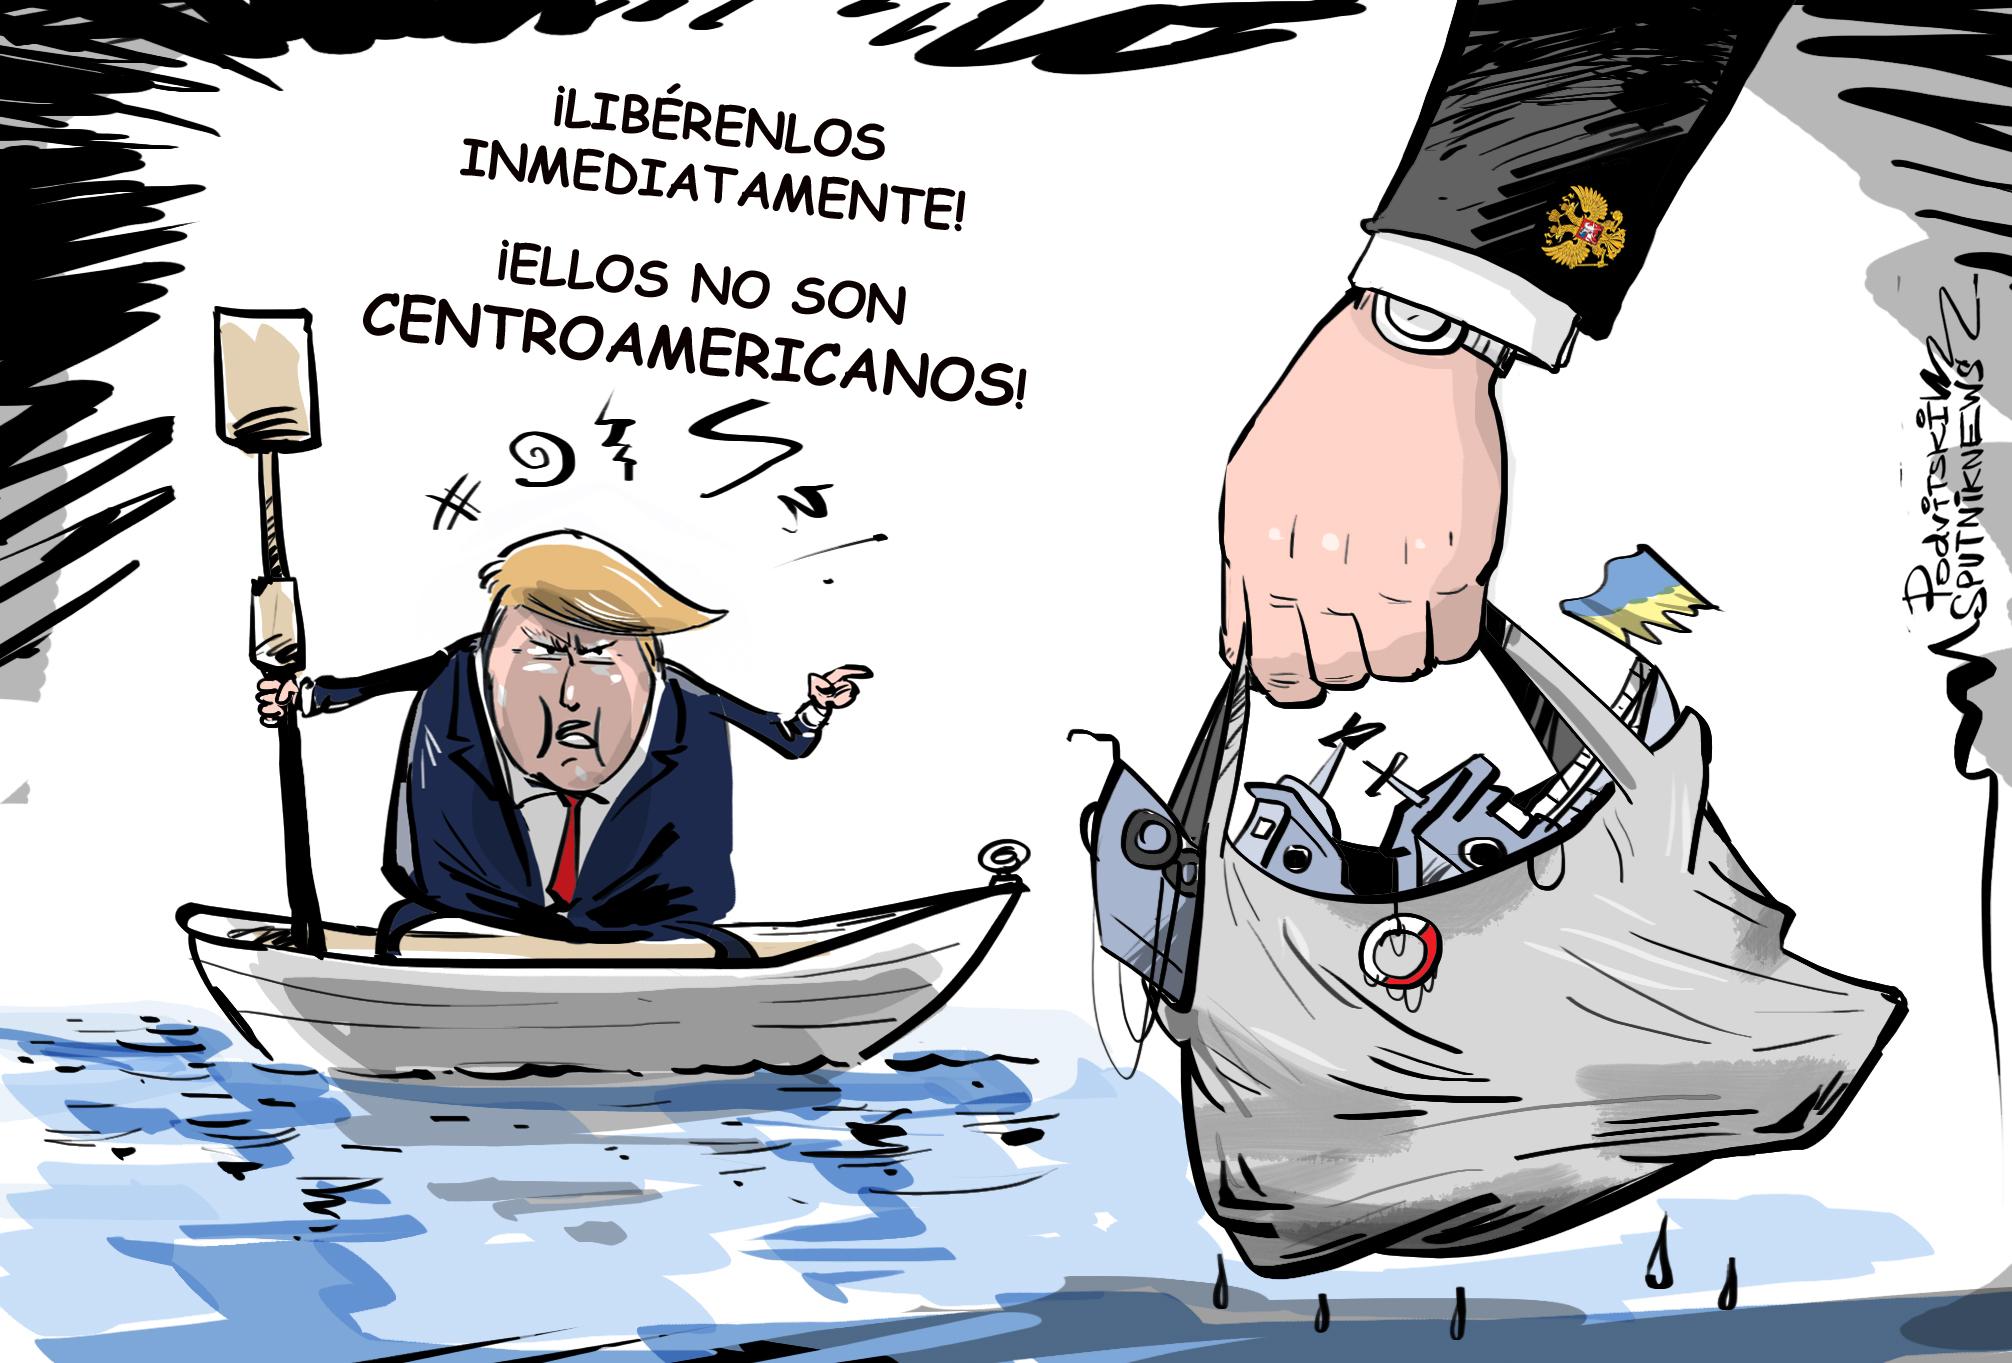 Trump, contra el cruce ilegal de fronteras... pero no las rusas